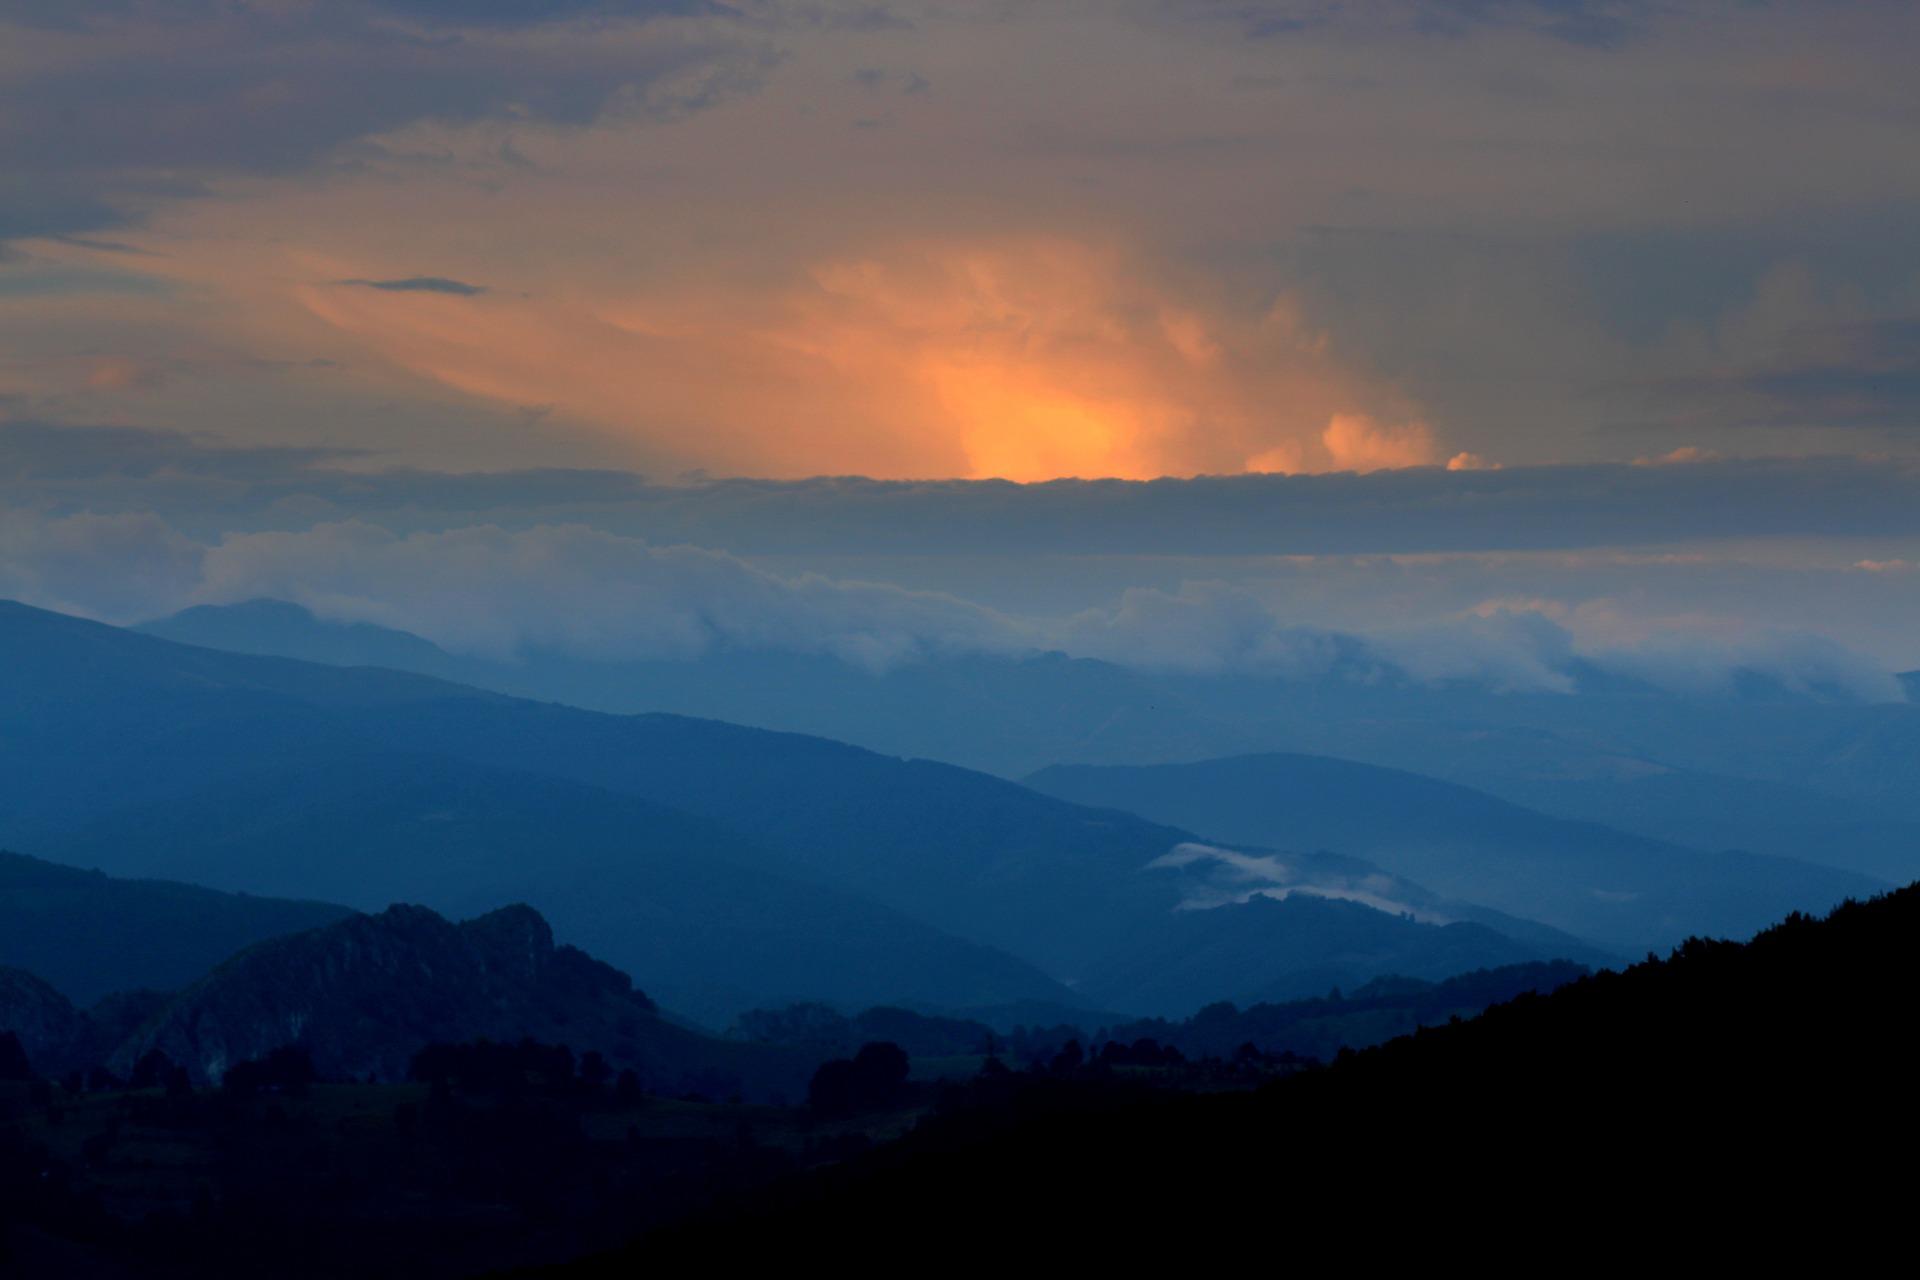 mountain-1580490_1920